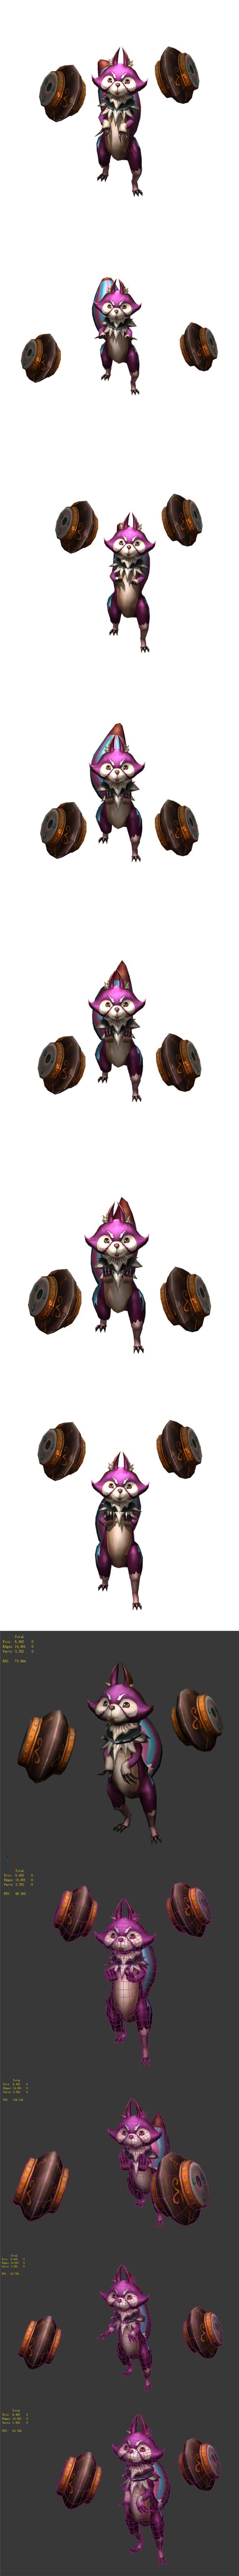 Game Animation Role - Lightning Mink - 3DOcean Item for Sale